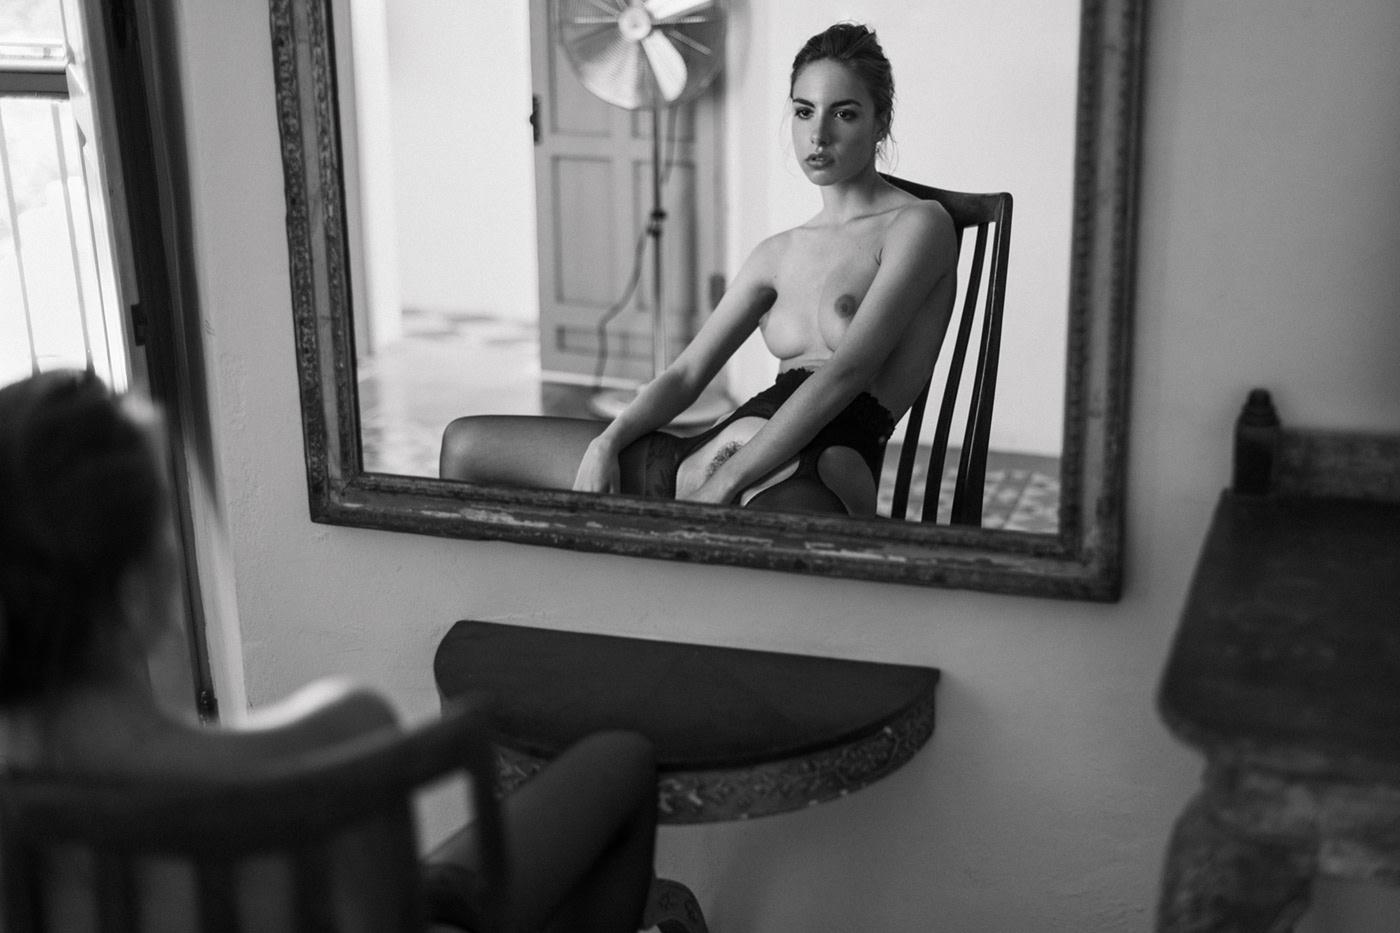 Mirror on the wall / Model Rebecca Bagnol - Photo Sacha Leyendecker